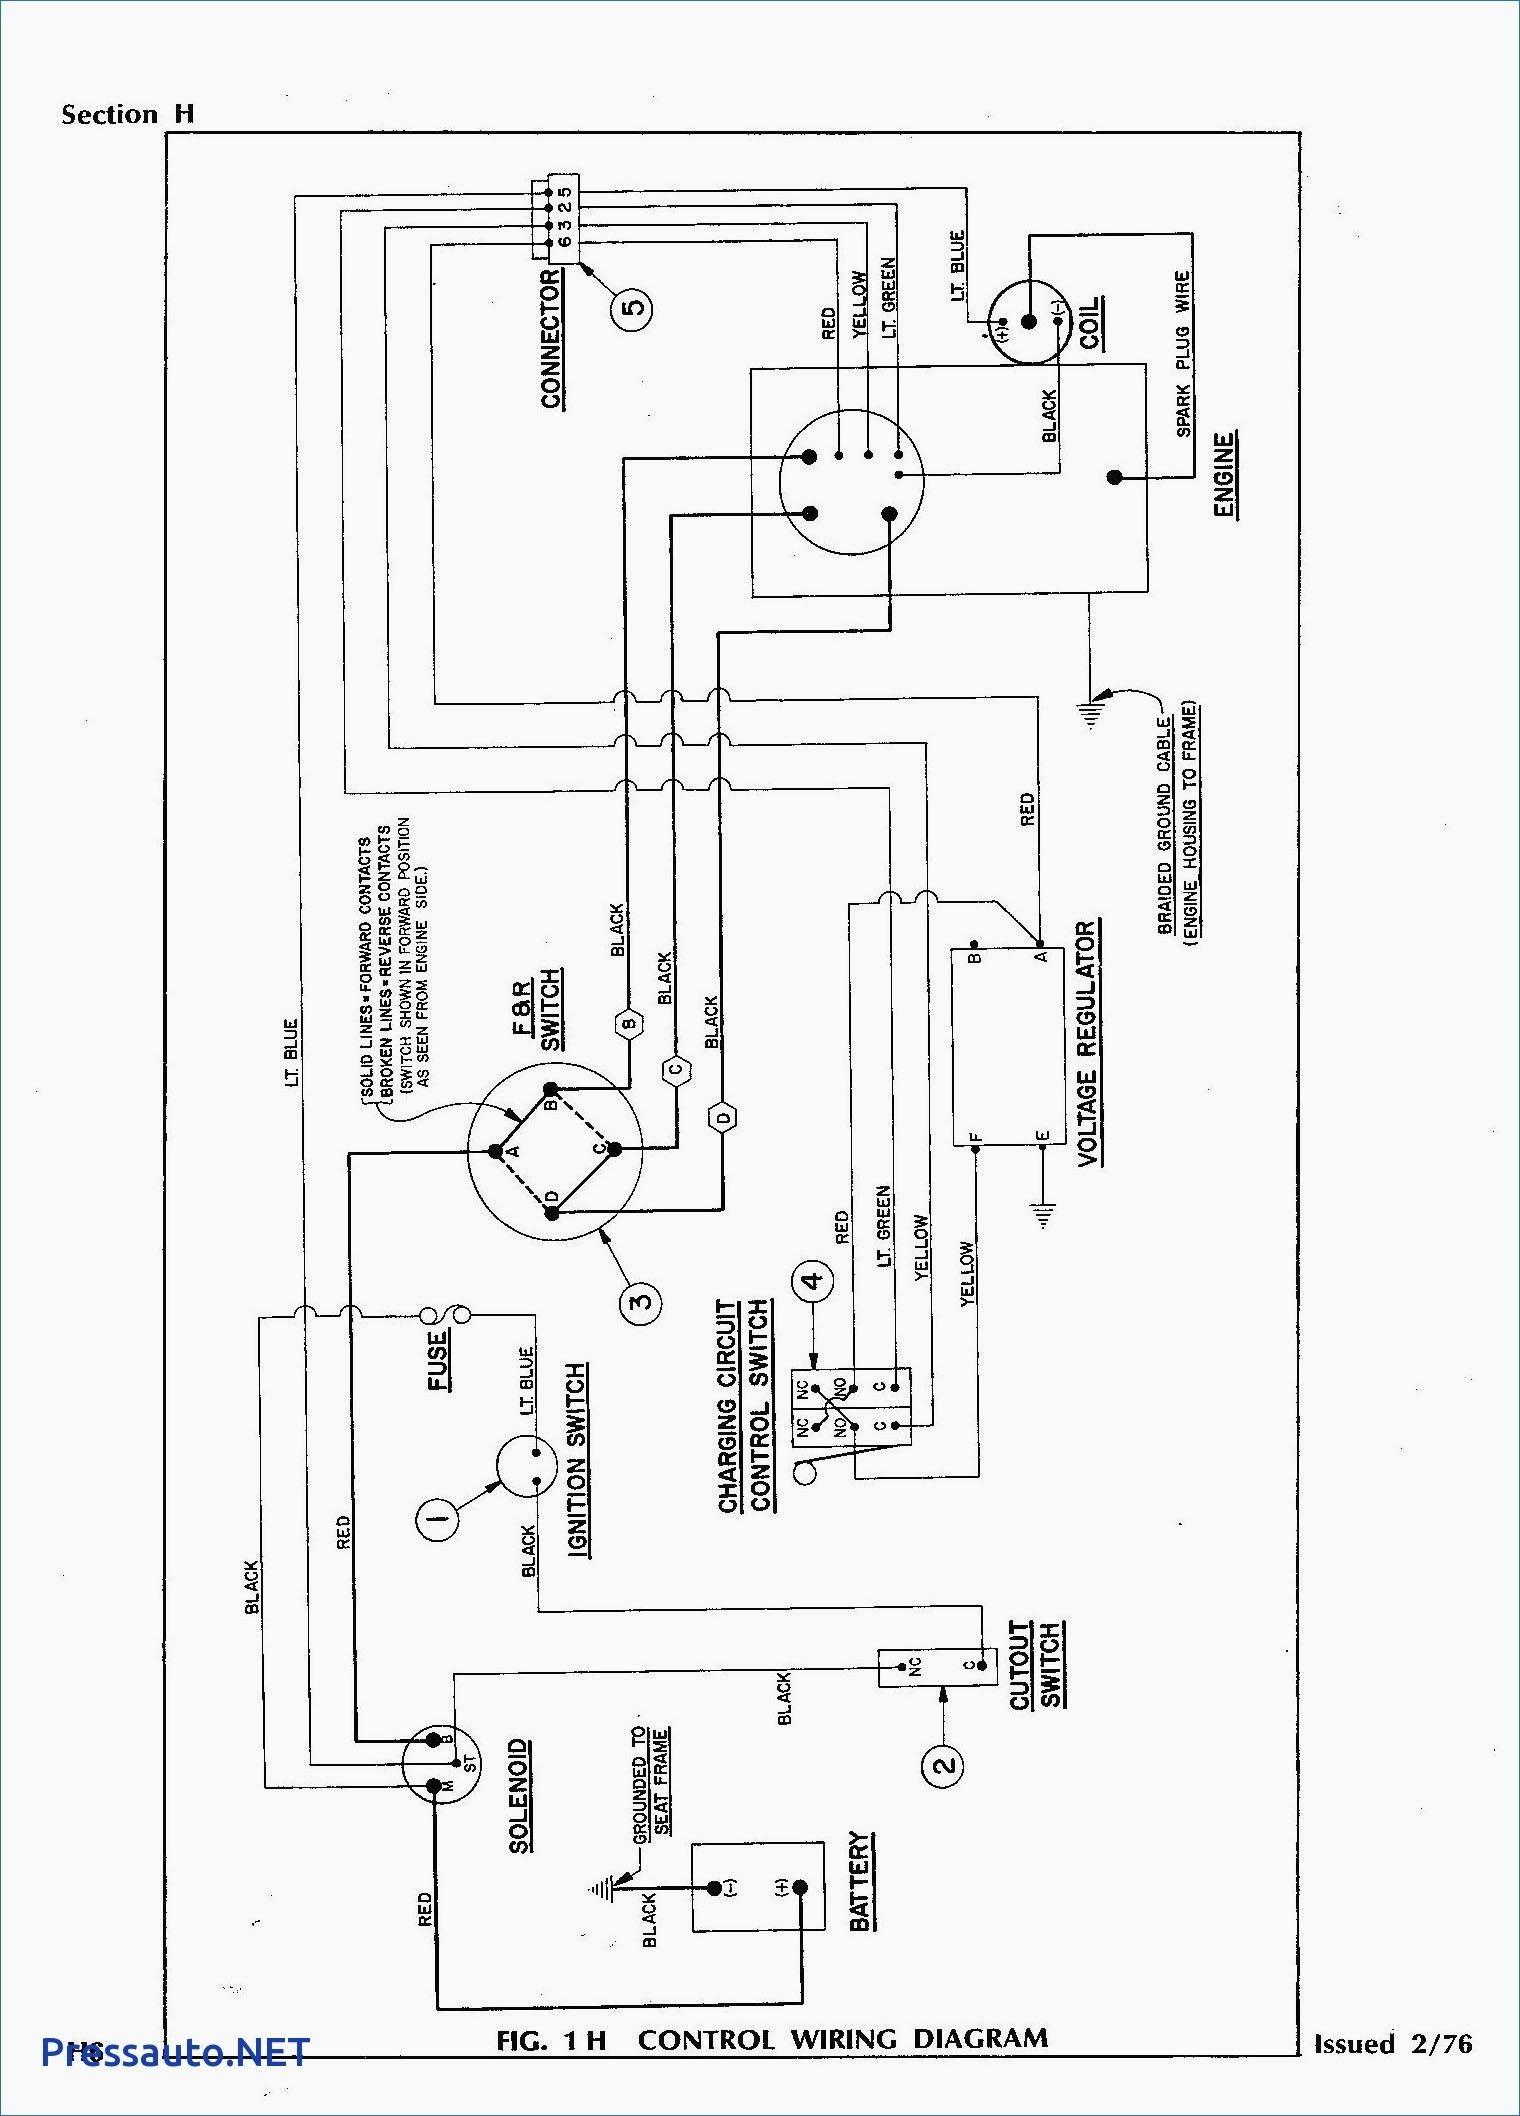 Medical Gas Wiring Diagram